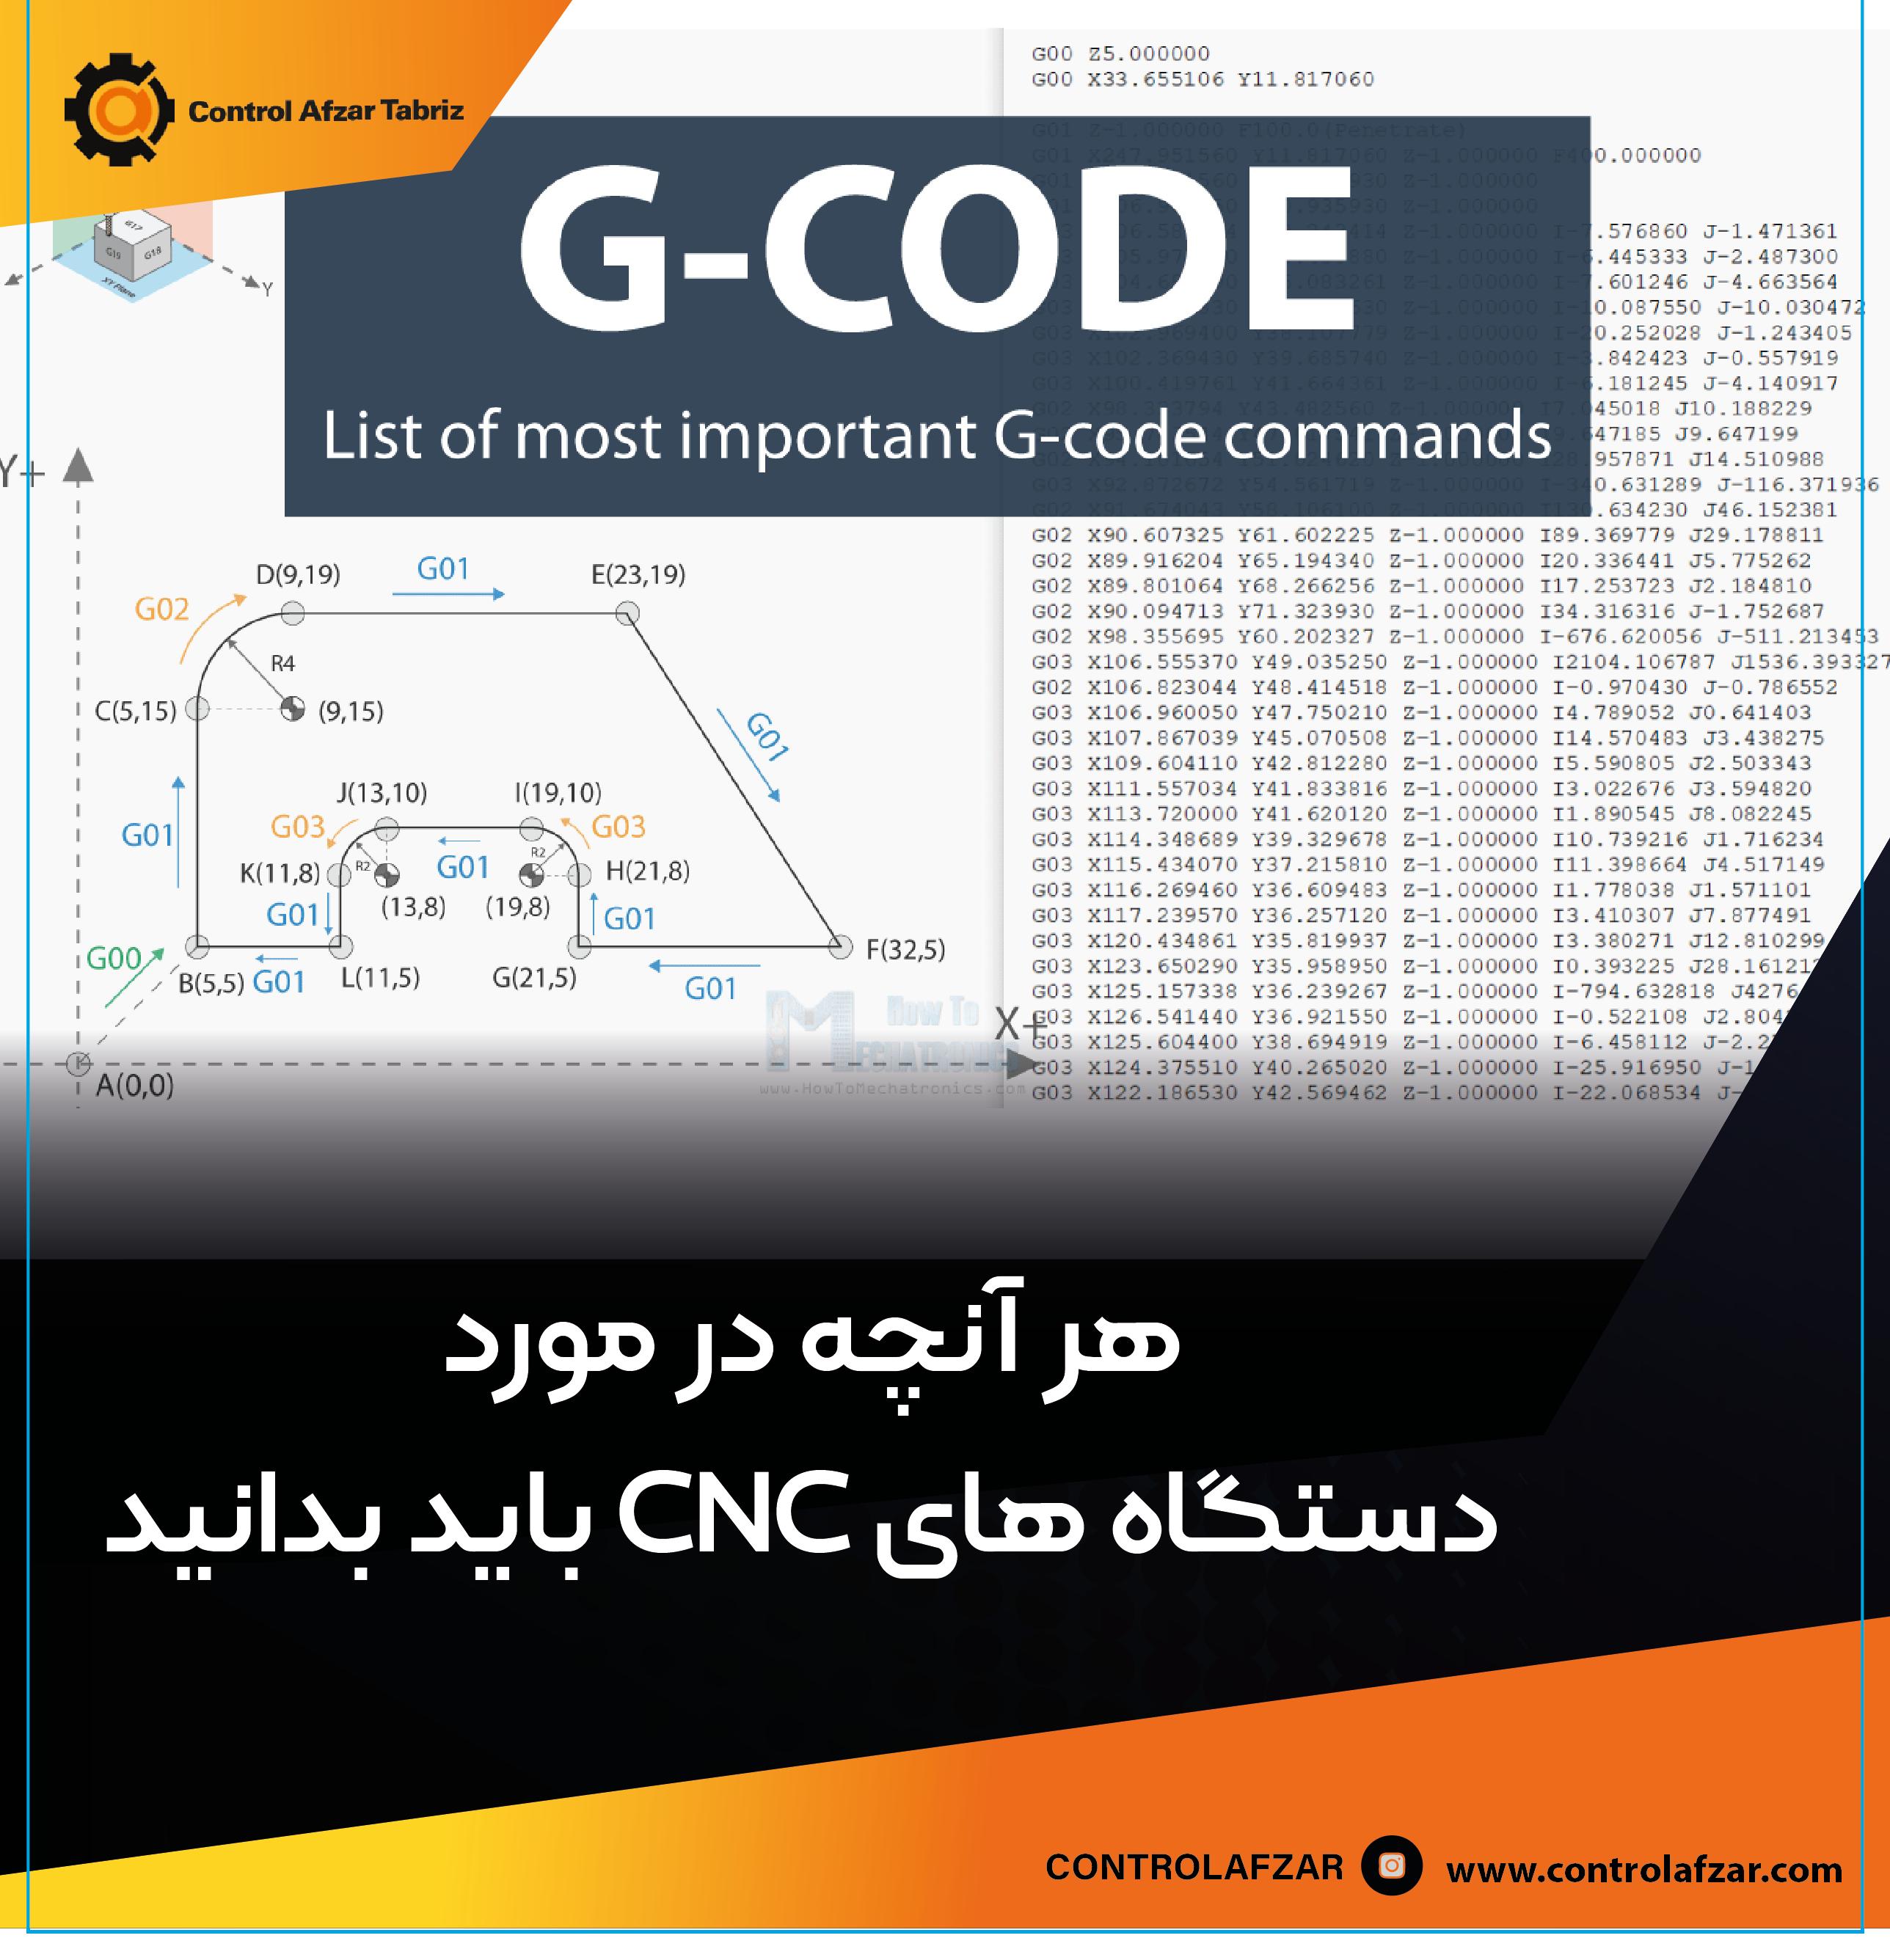 کد G دستگاه سی ان سی